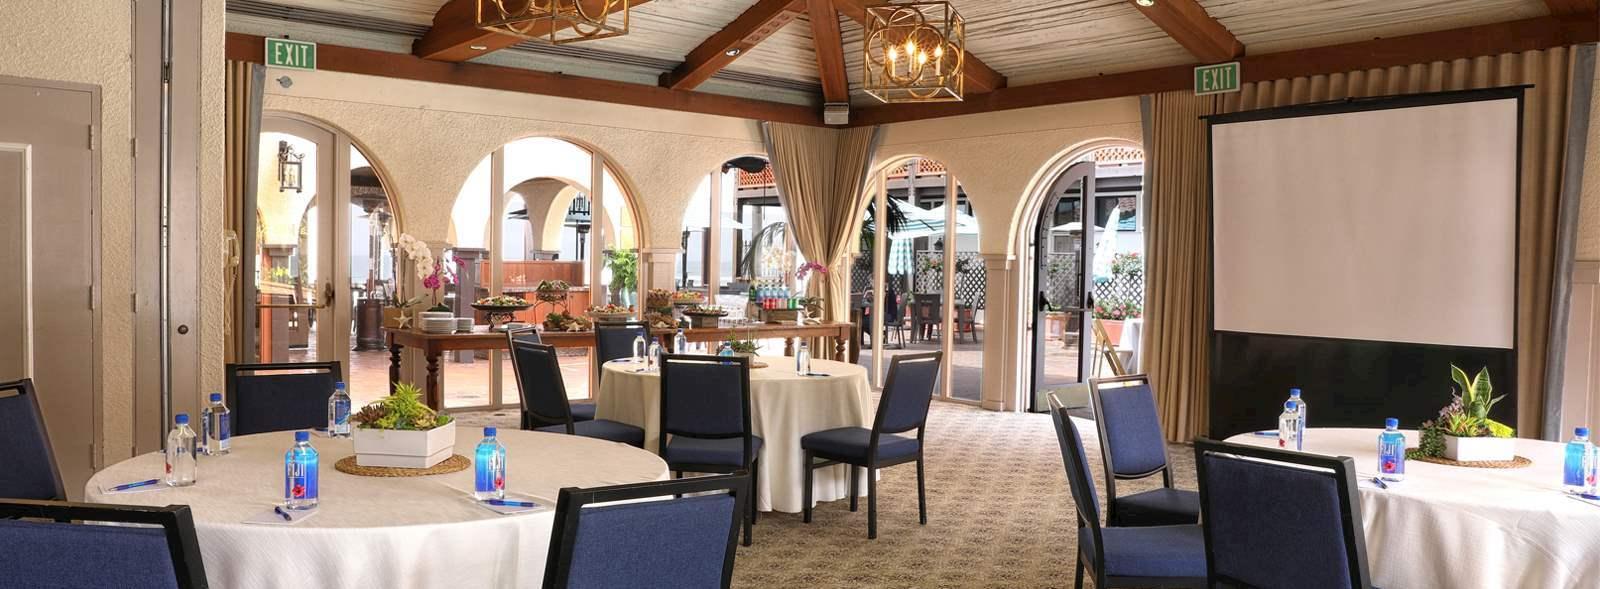 Meeting Venues at La Jolla Shores Hotel, California